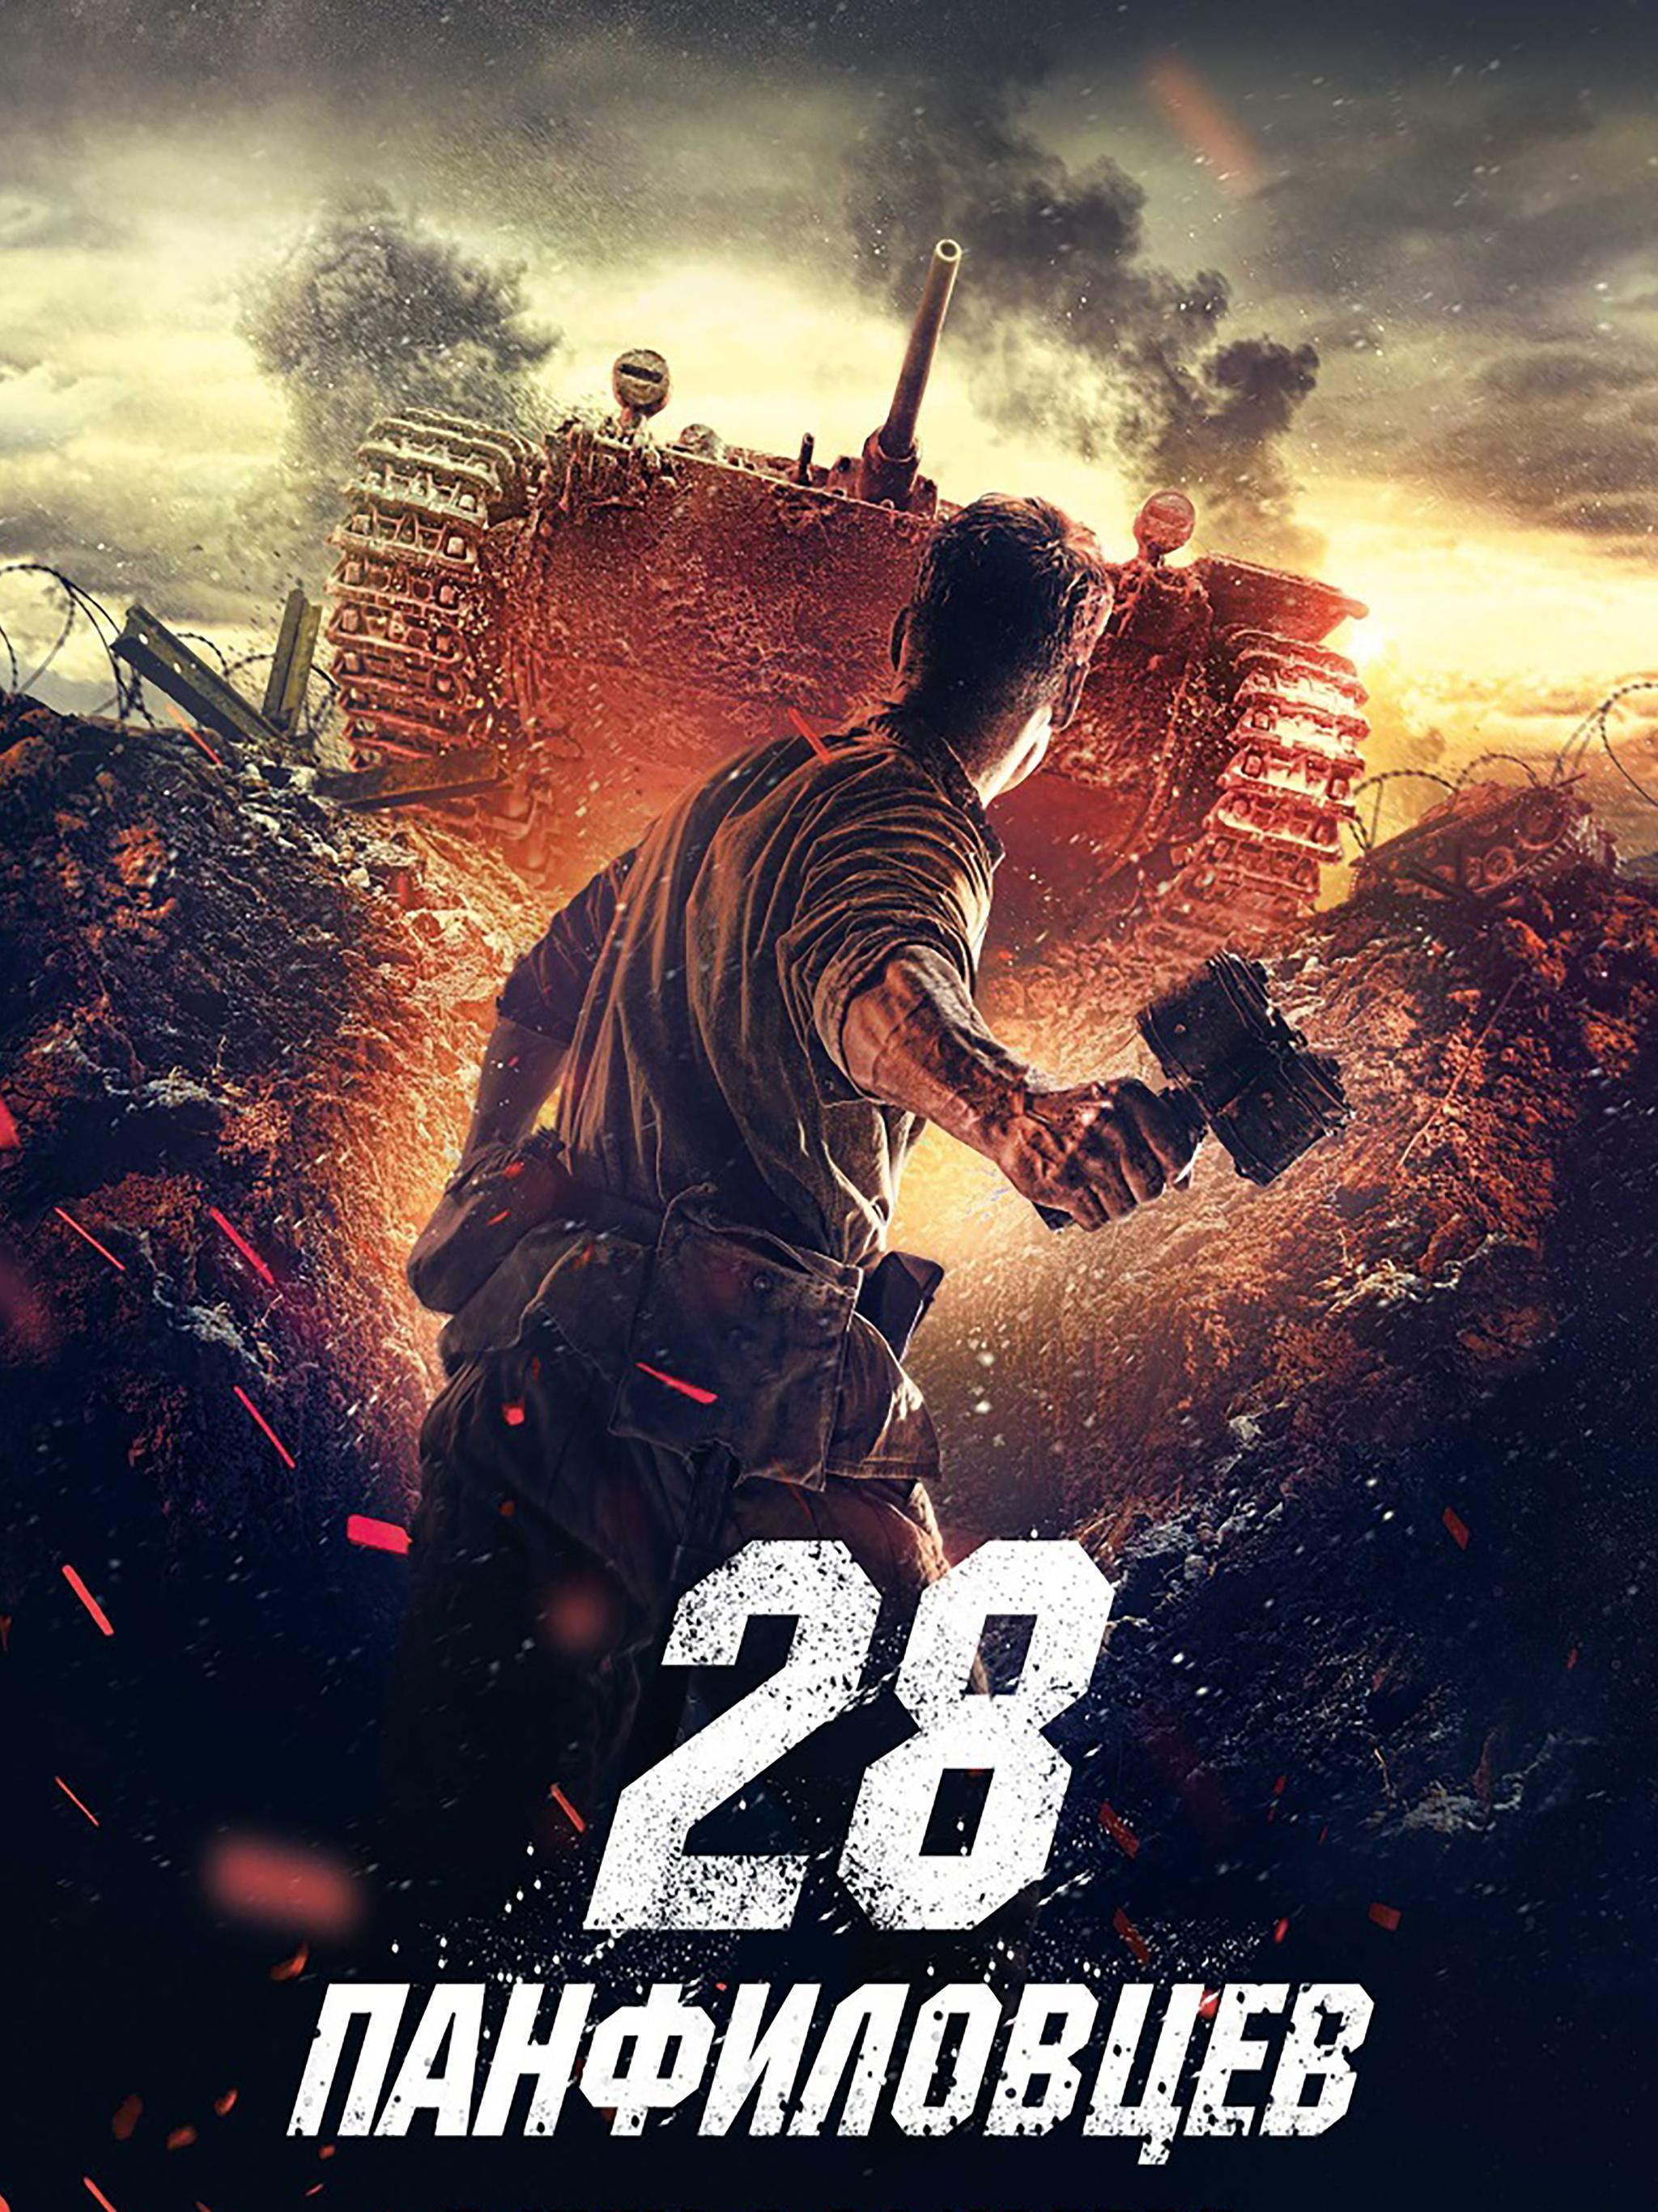 Fotos von Krieg Panzer Soldaten Handgranate Russische Film 2048x2732